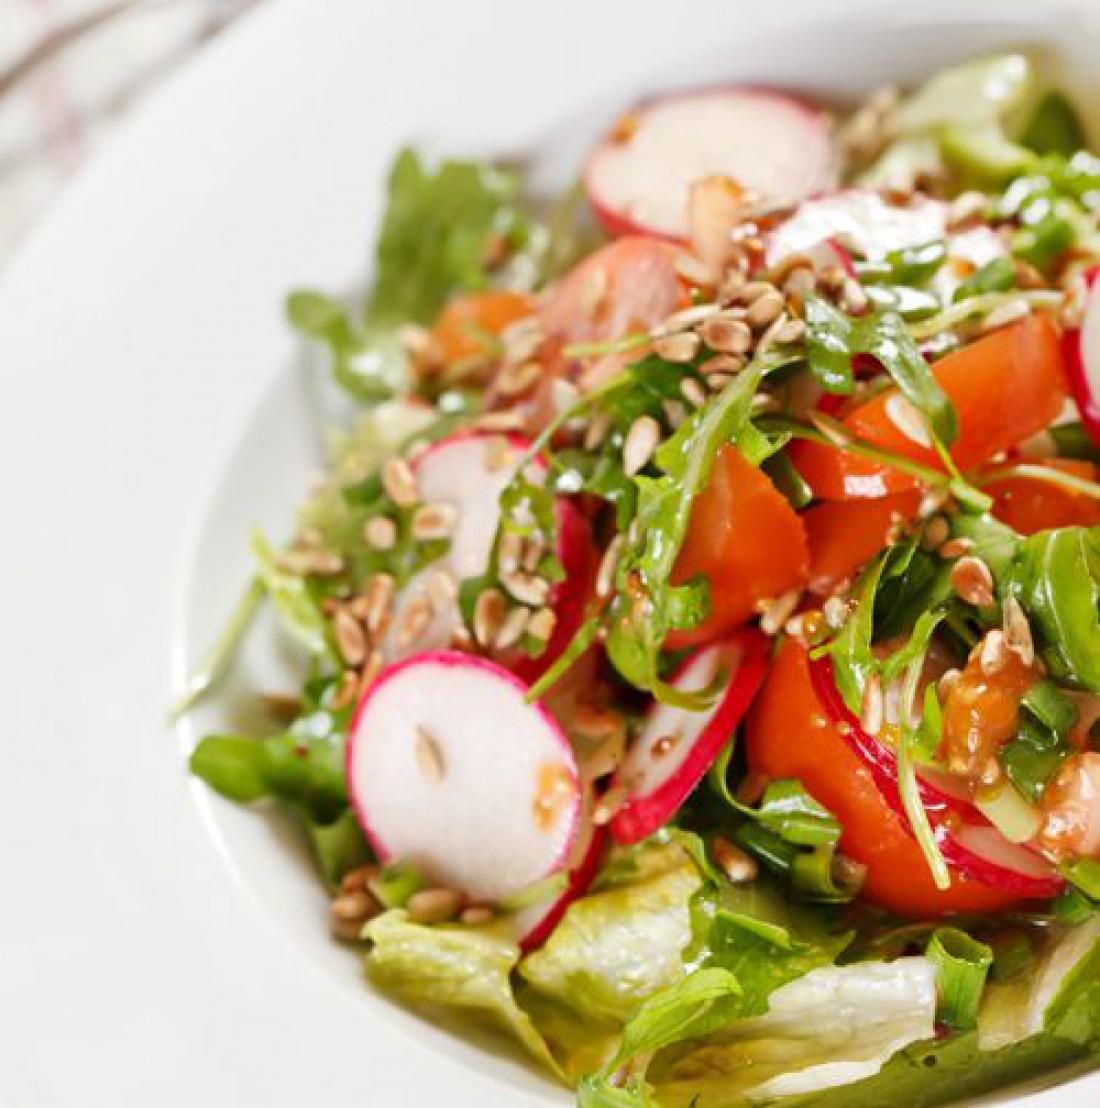 Лучший весенний салат из редиса: быстрый пошаговый рецепт